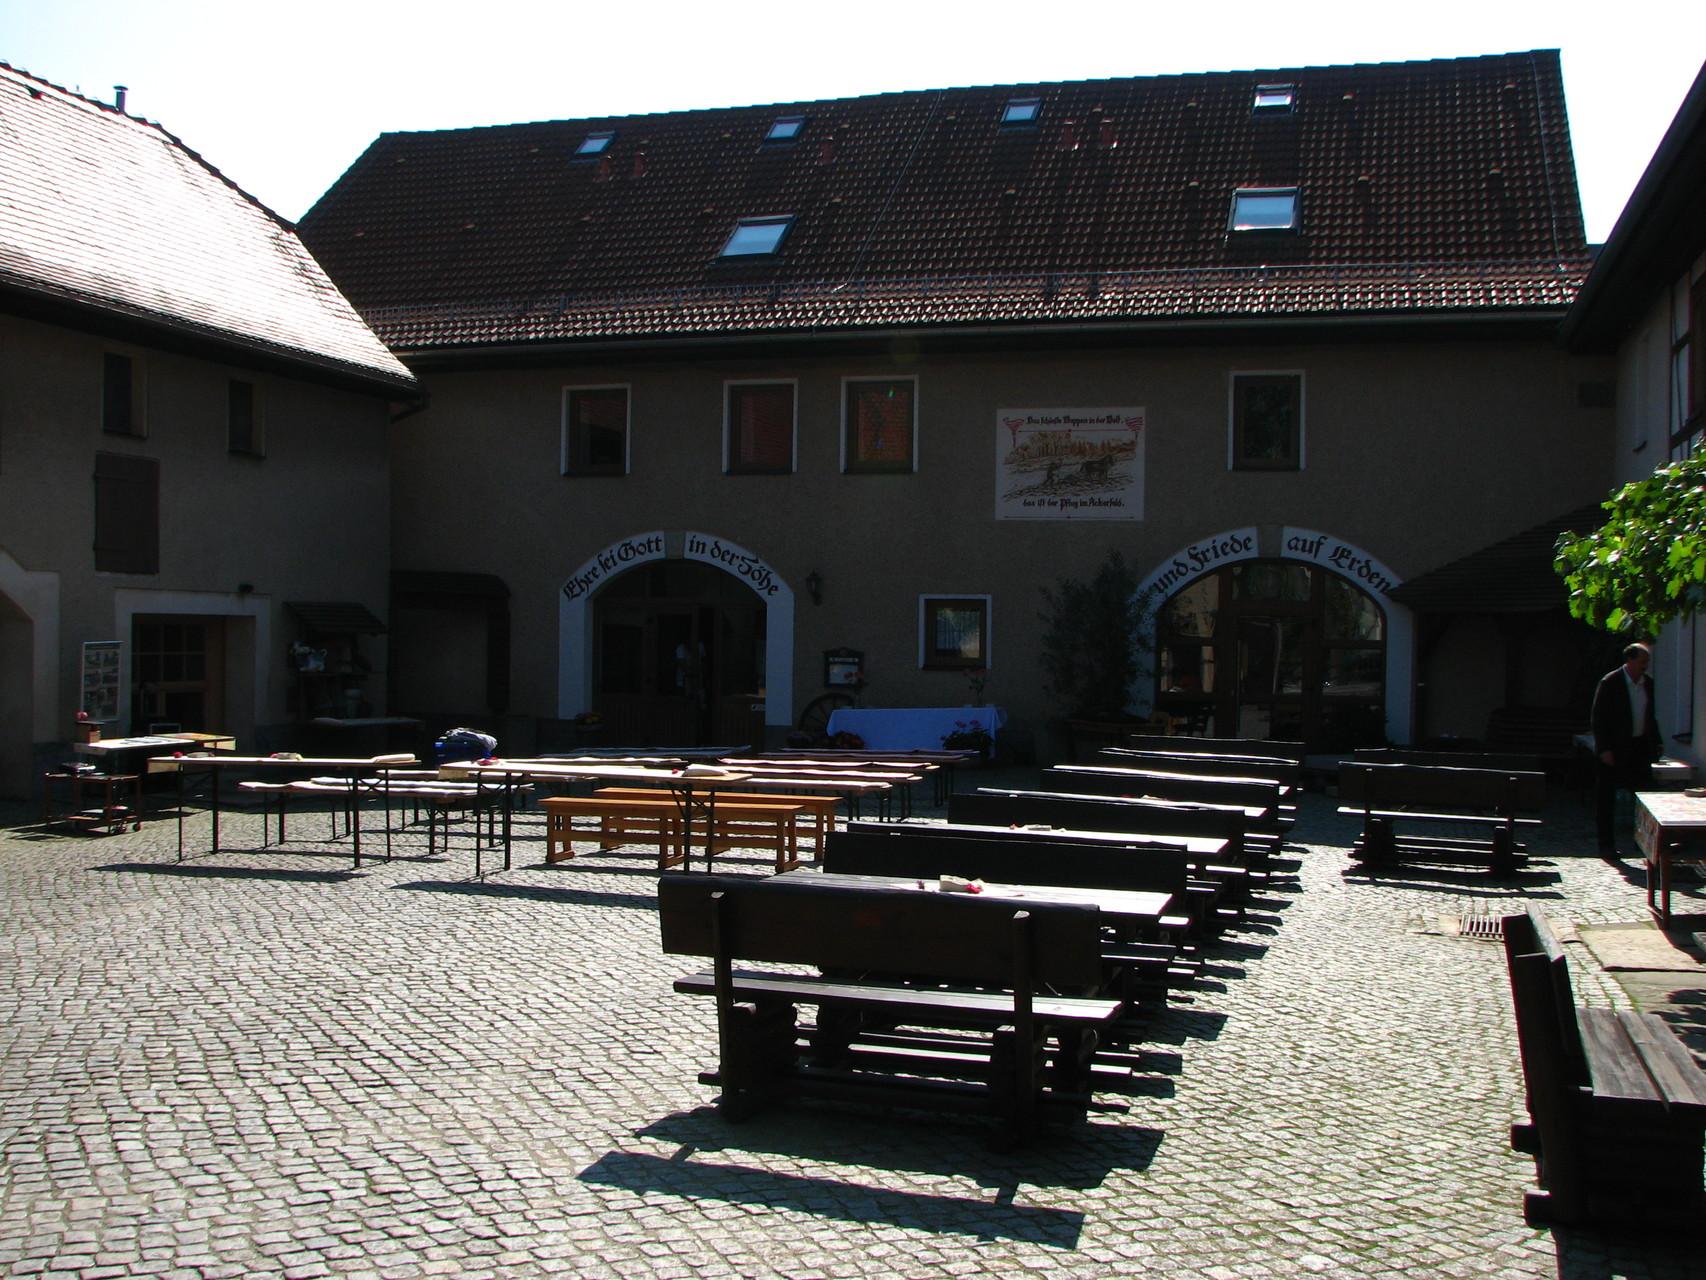 Der Hof in Merbitz, leuchtend im Sonnenlicht.